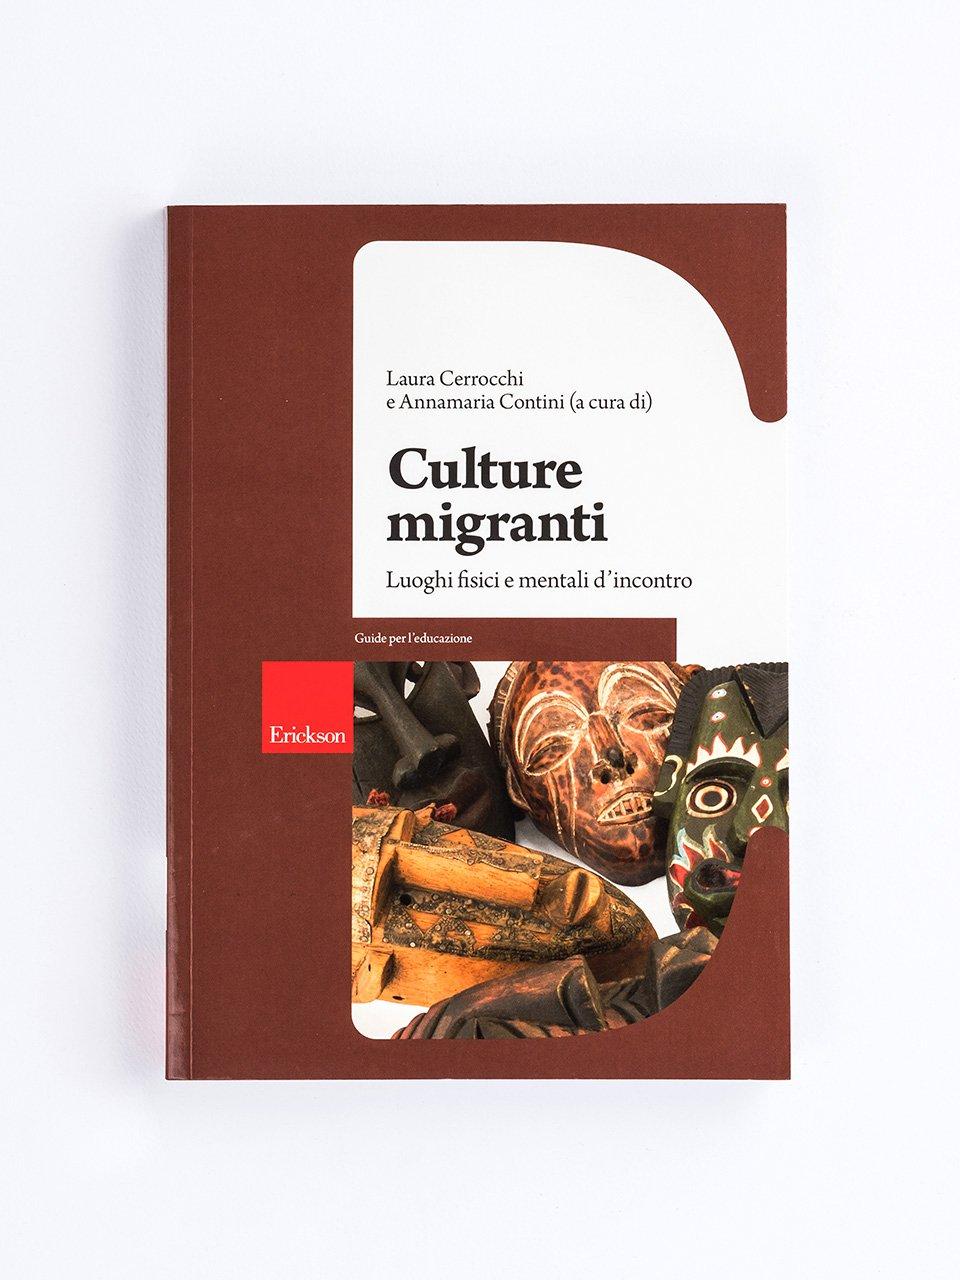 Culture migranti - Il musulmano e l'agnostico - Libri - Erickson